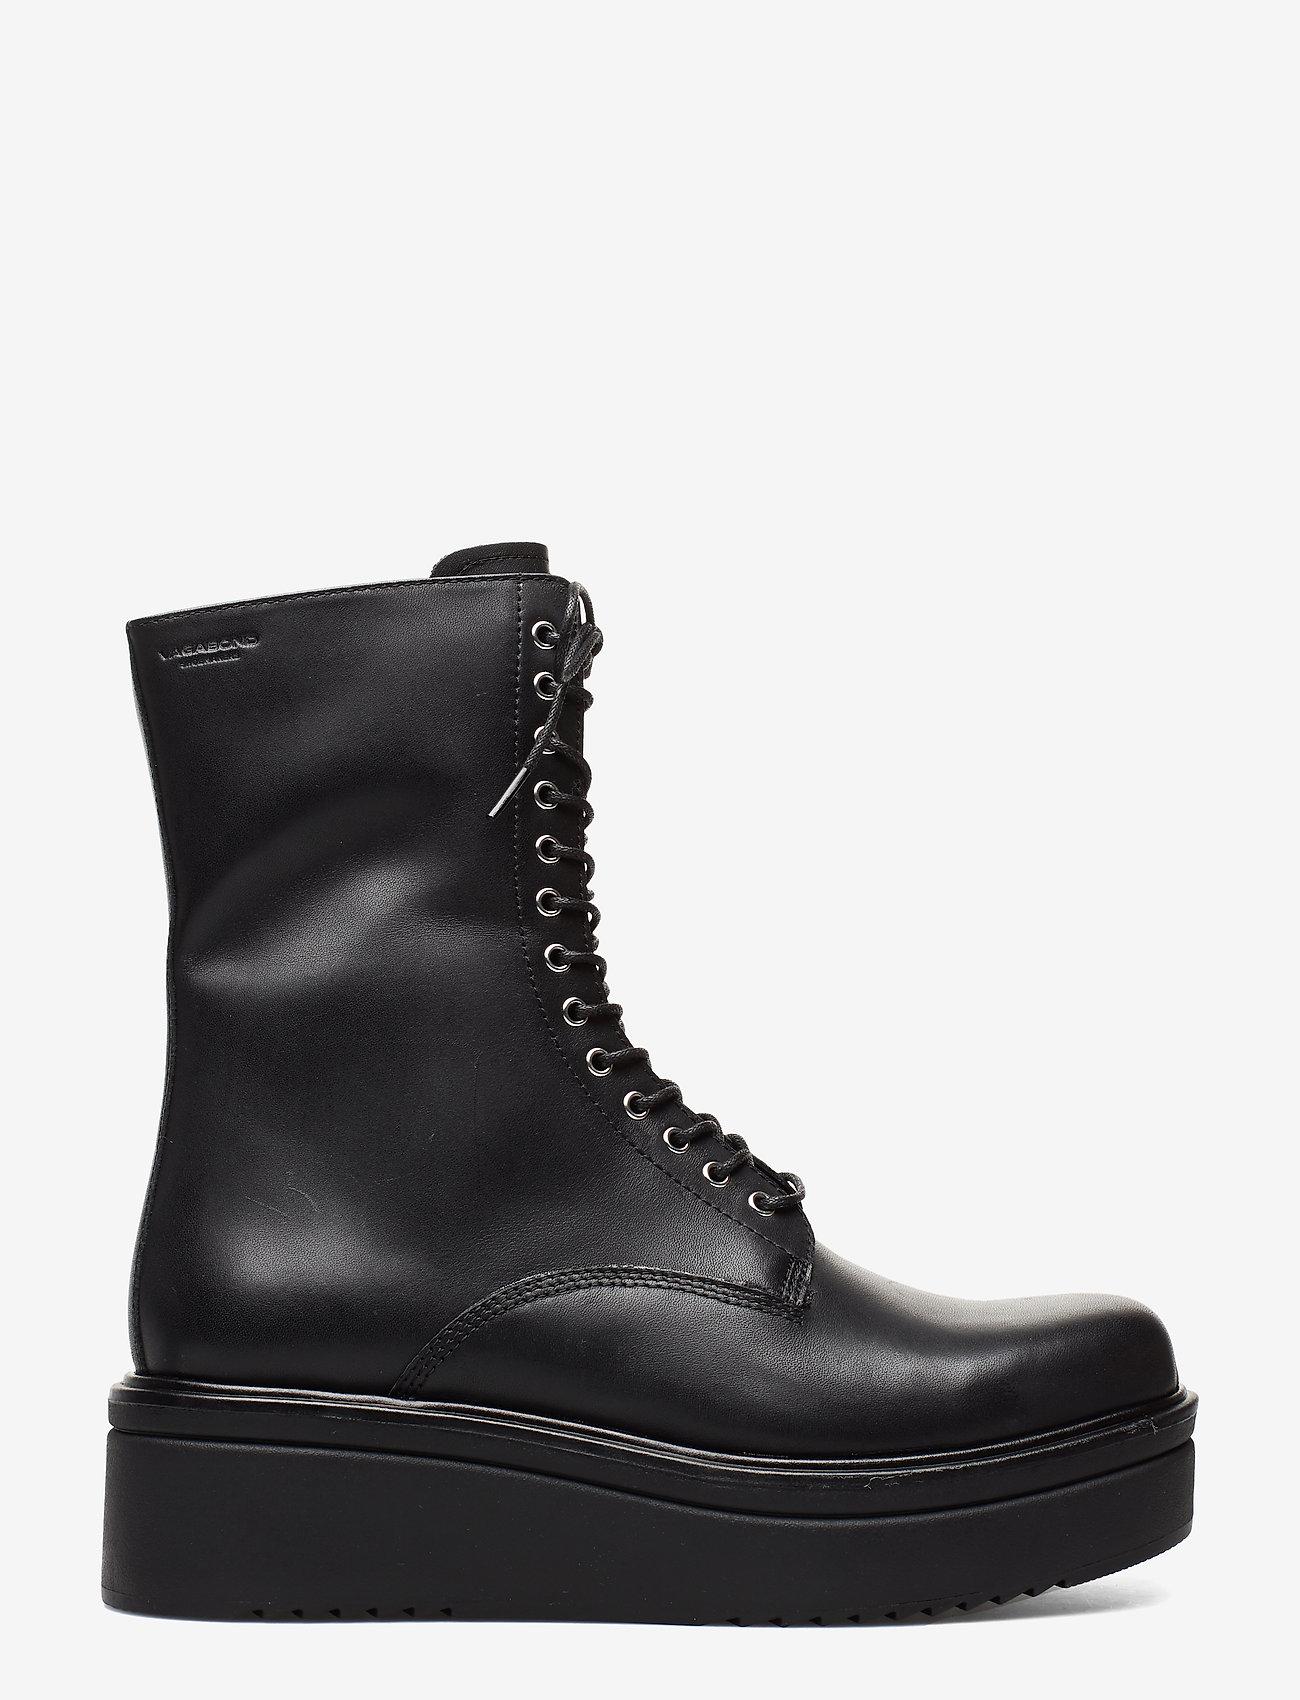 Tara (Black) (1399 kr) - VAGABOND